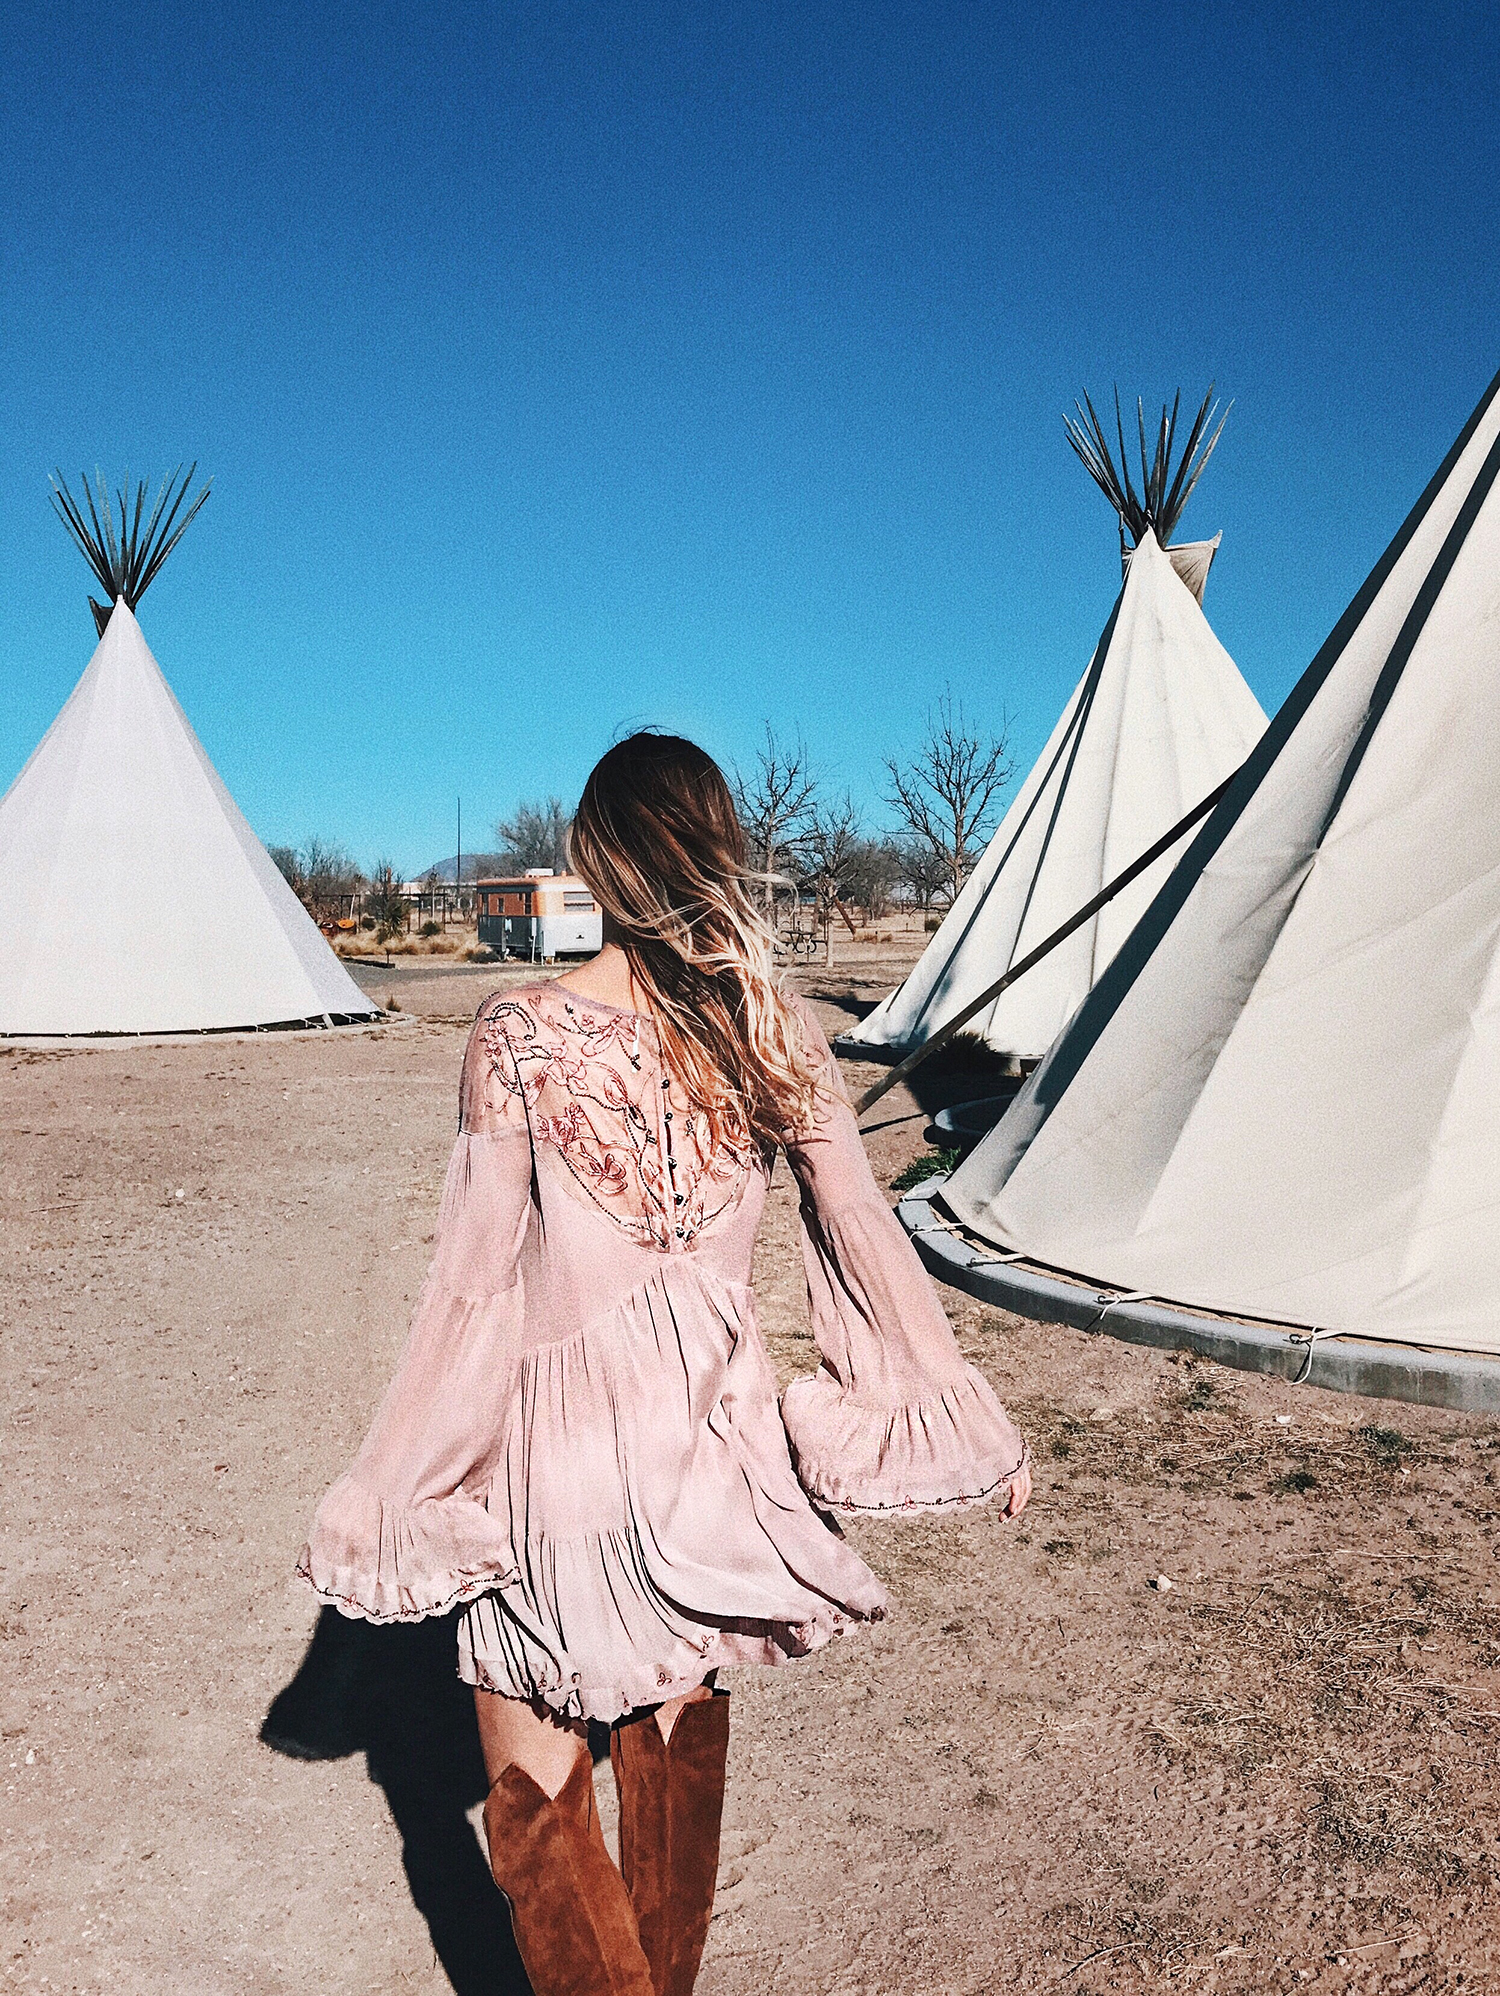 livvyland-blog-olivia-watson-marfa-valentine-texas-big-bend-road-trip-weekend-getaway-tee-pee-4